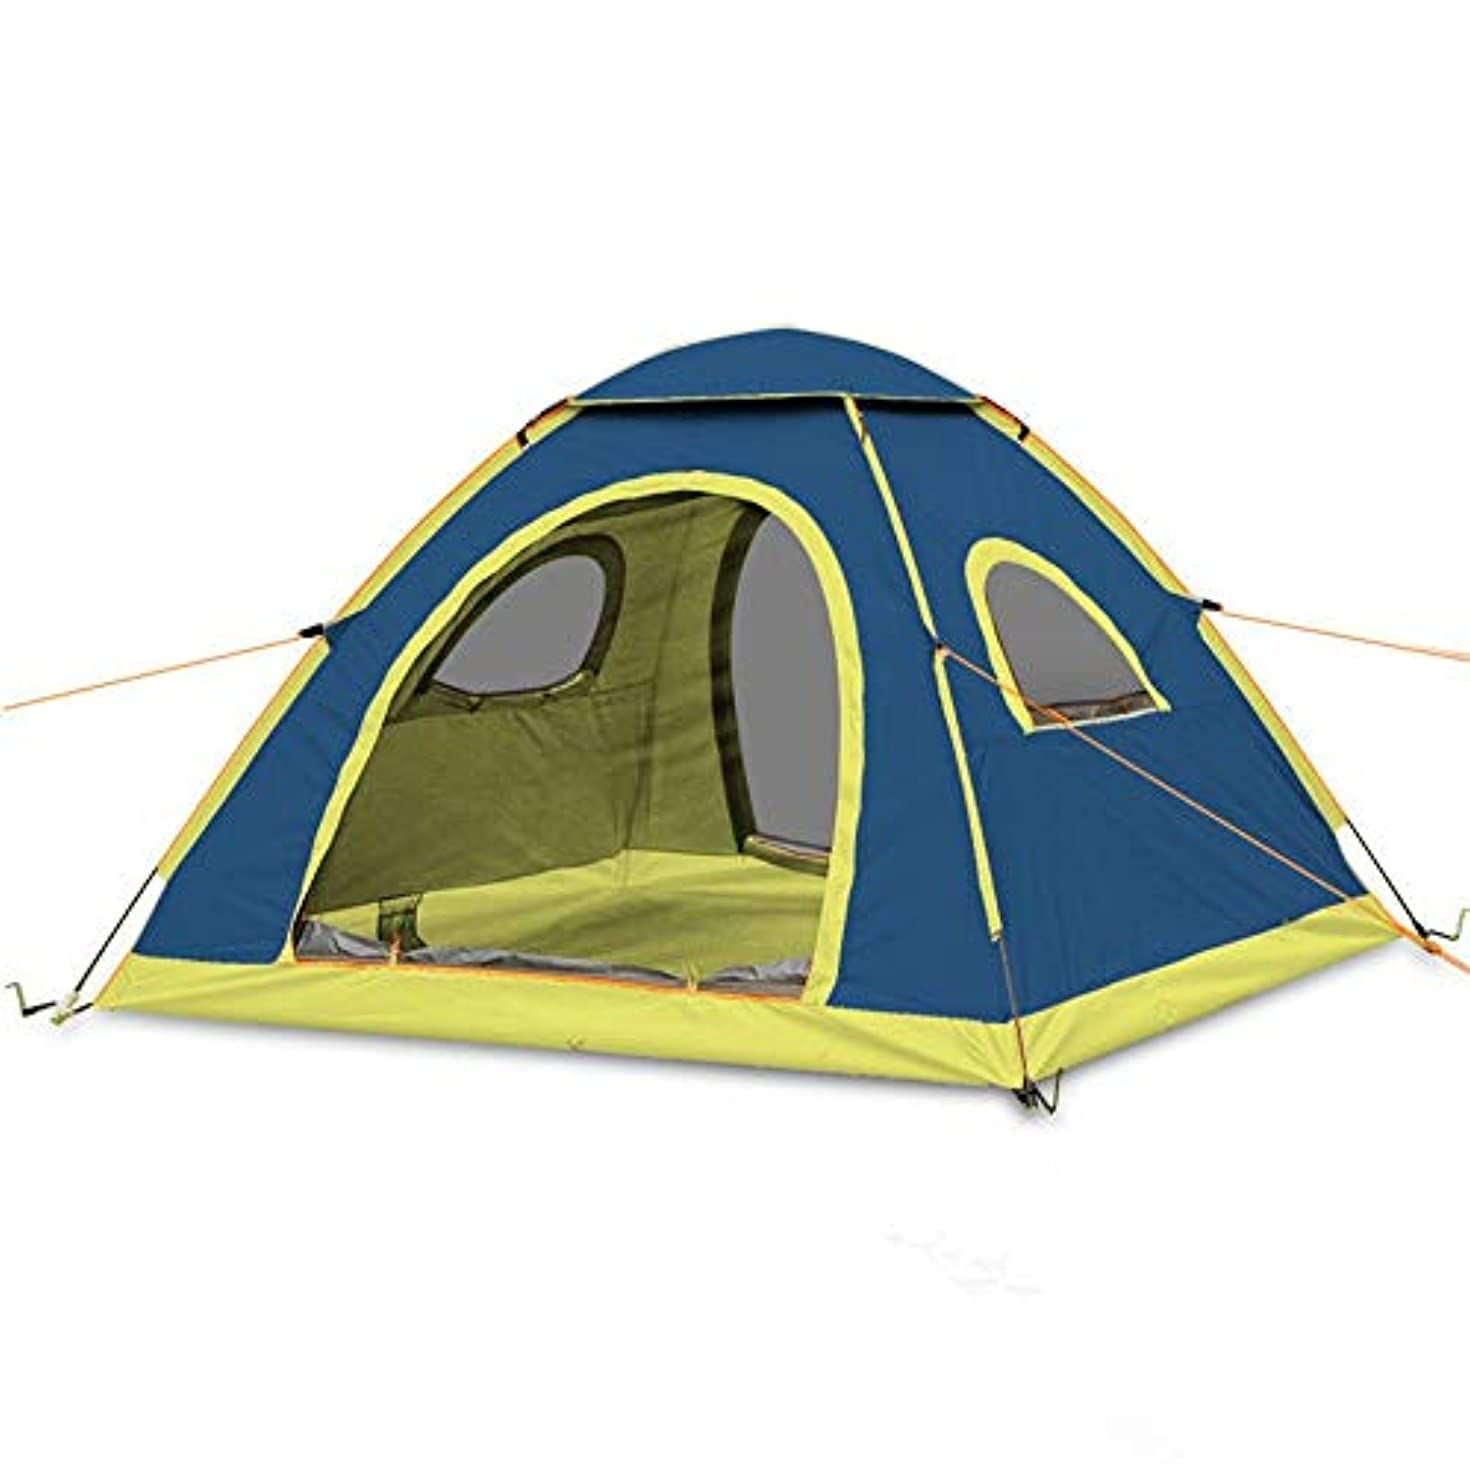 夜明けに勢い理由家族のスポーツ登山ハイキング旅行キャンプアウトドア油圧フィット3-4人3シーズン軽量防水テント (色 : 青)